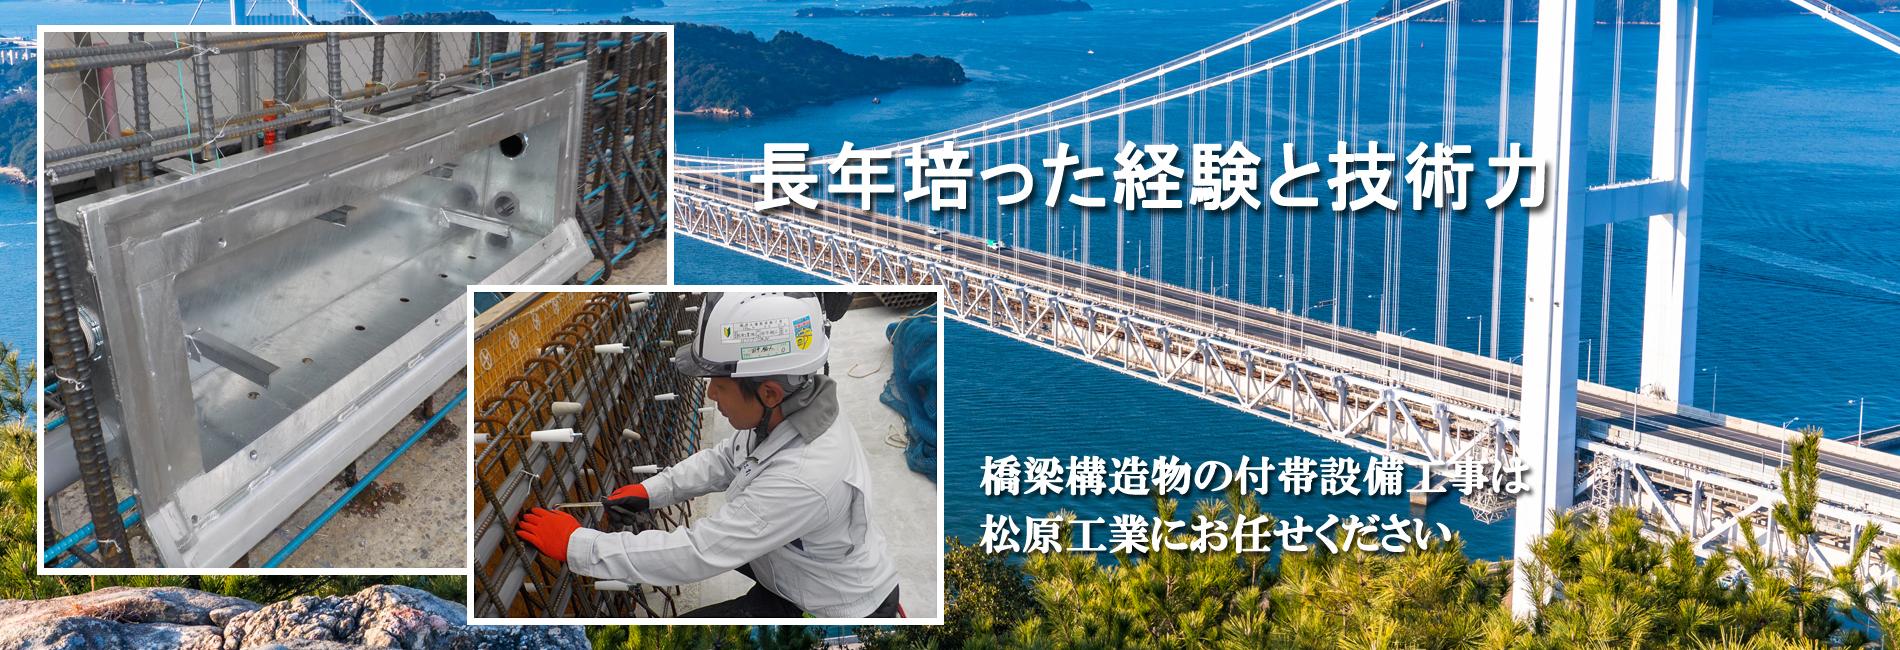 経験と技術力で橋梁構造物の付帯設備工事を担う